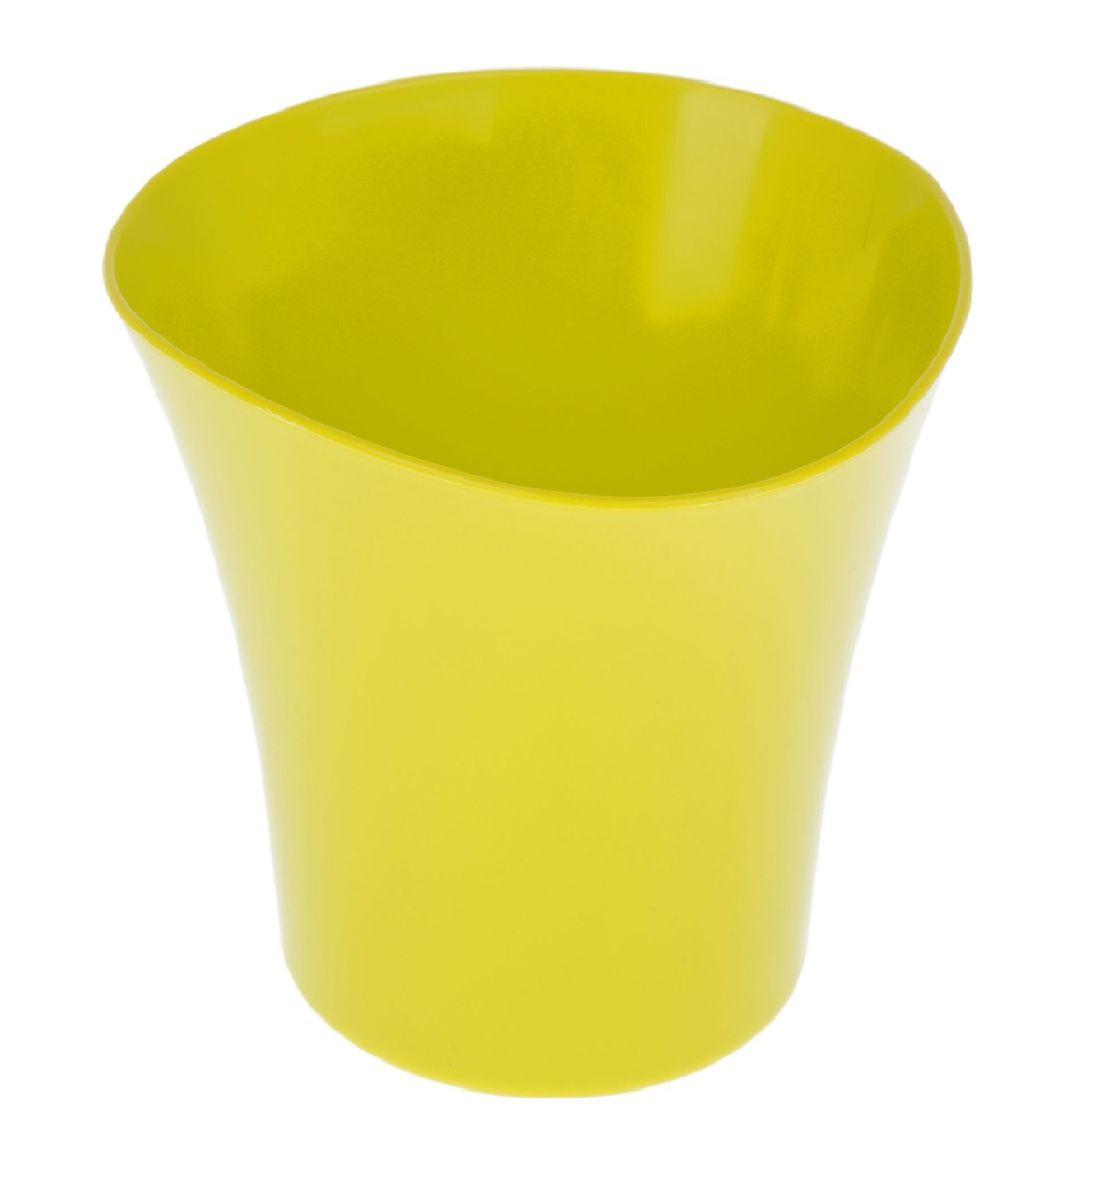 Кашпо JetPlast Волна, цвет: фисташковый, 1,5 лZ-0307Кашпо Волна имеет уникальную форму, сочетающуюся как с классическим, так и с современным дизайном интерьера. Оно изготовлено из прочного полипропилена (пластика) и предназначено для выращивания растений, цветов и трав в домашних условиях. Такое кашпо порадует вас функциональностью, а благодаря лаконичному дизайну впишется в любой интерьер помещения. Объем кашпо: 1,5 л.